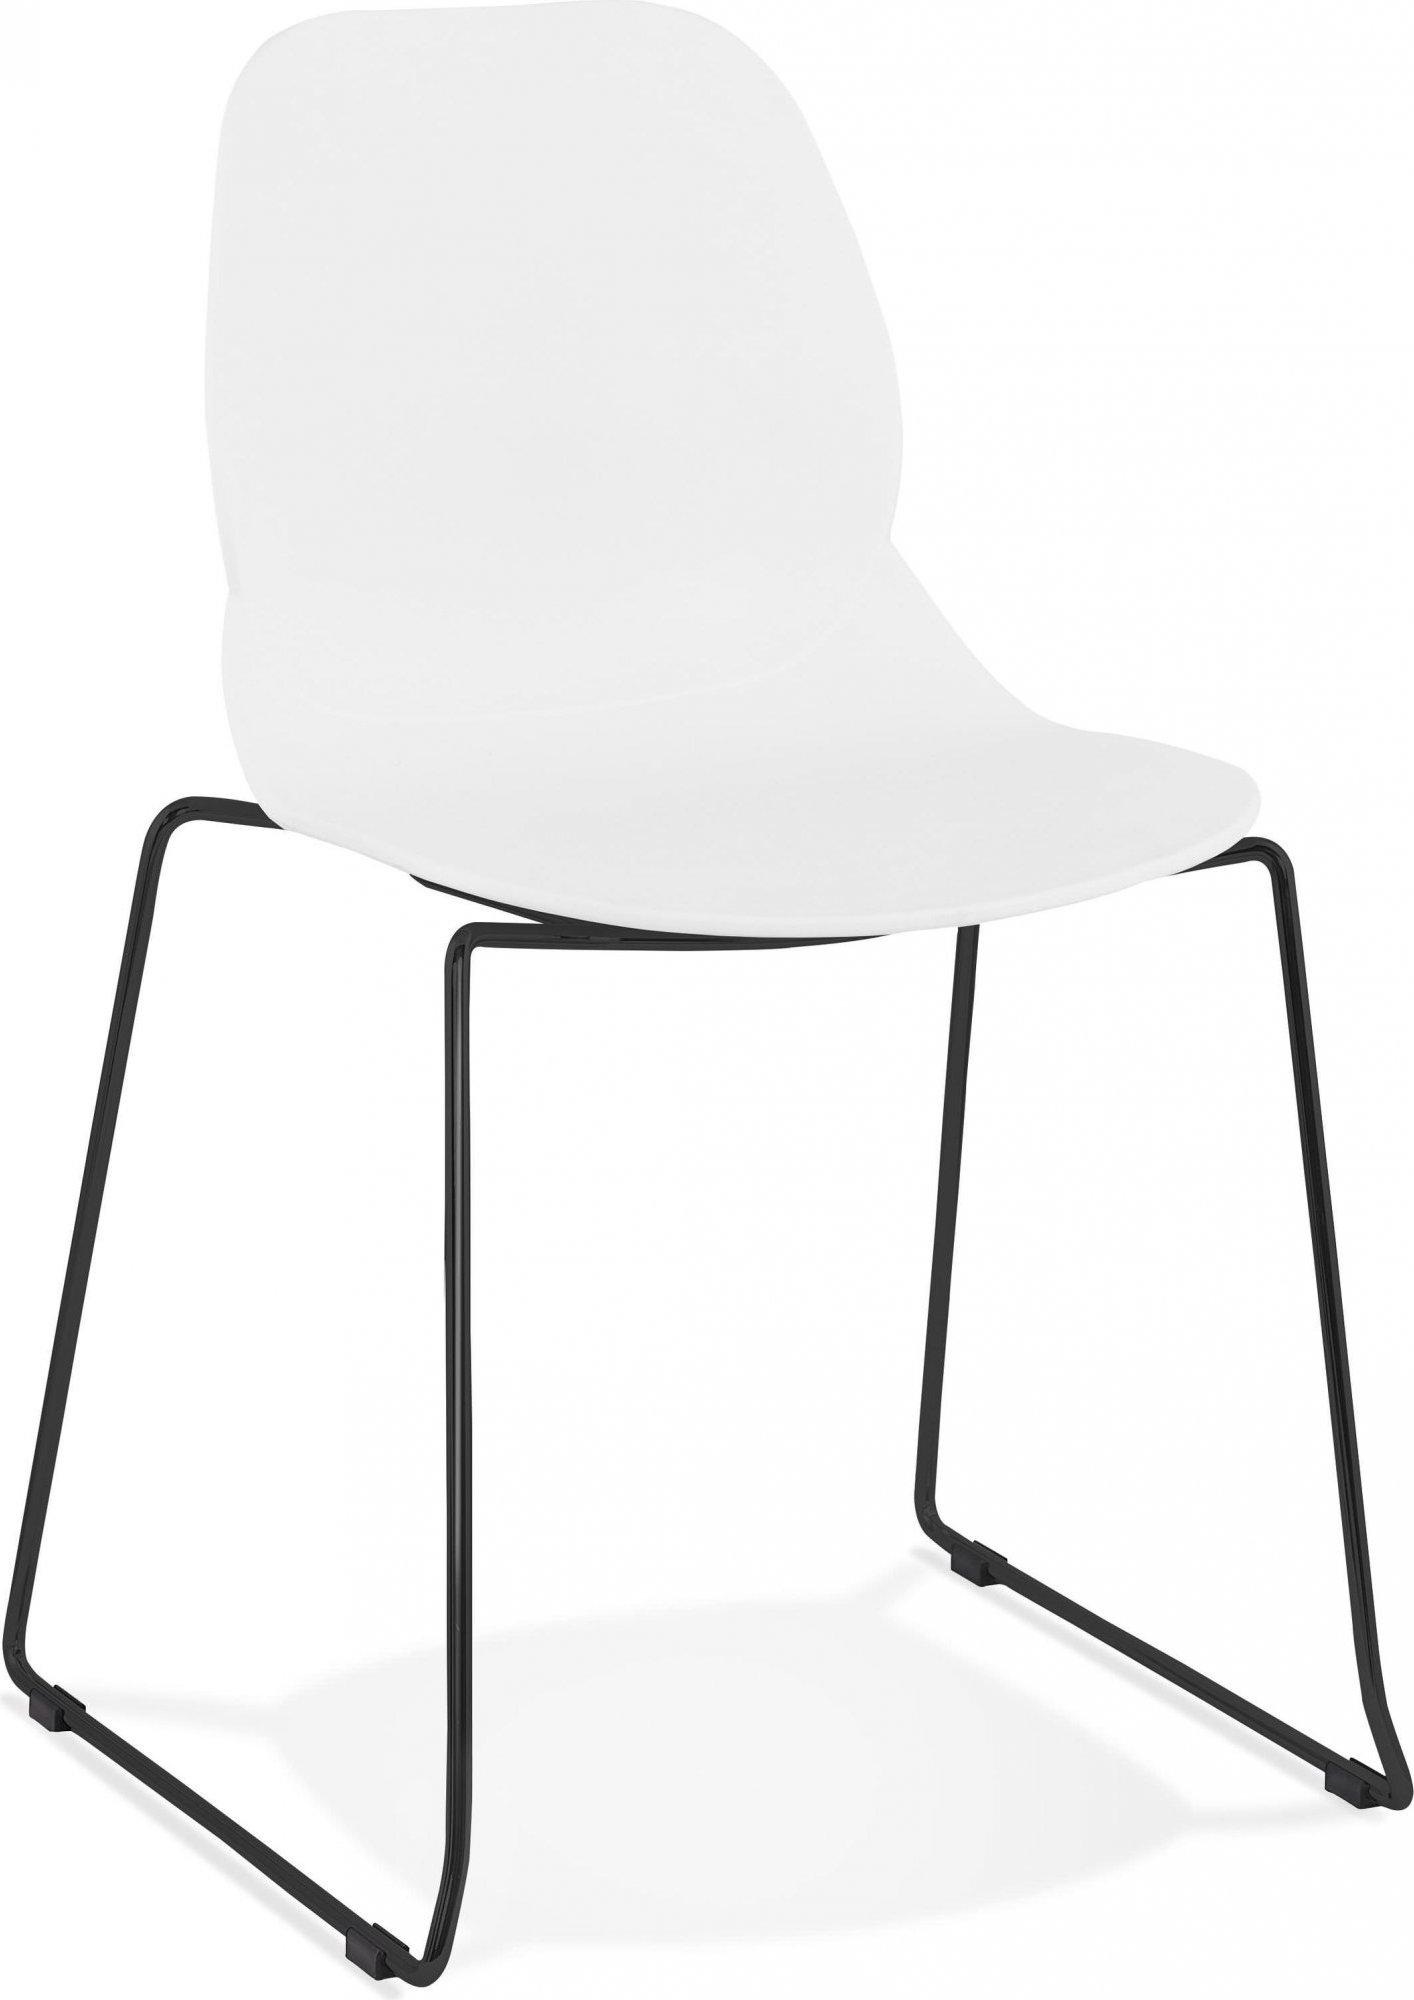 Chaise design minimaliste couleur blanc pieds noir